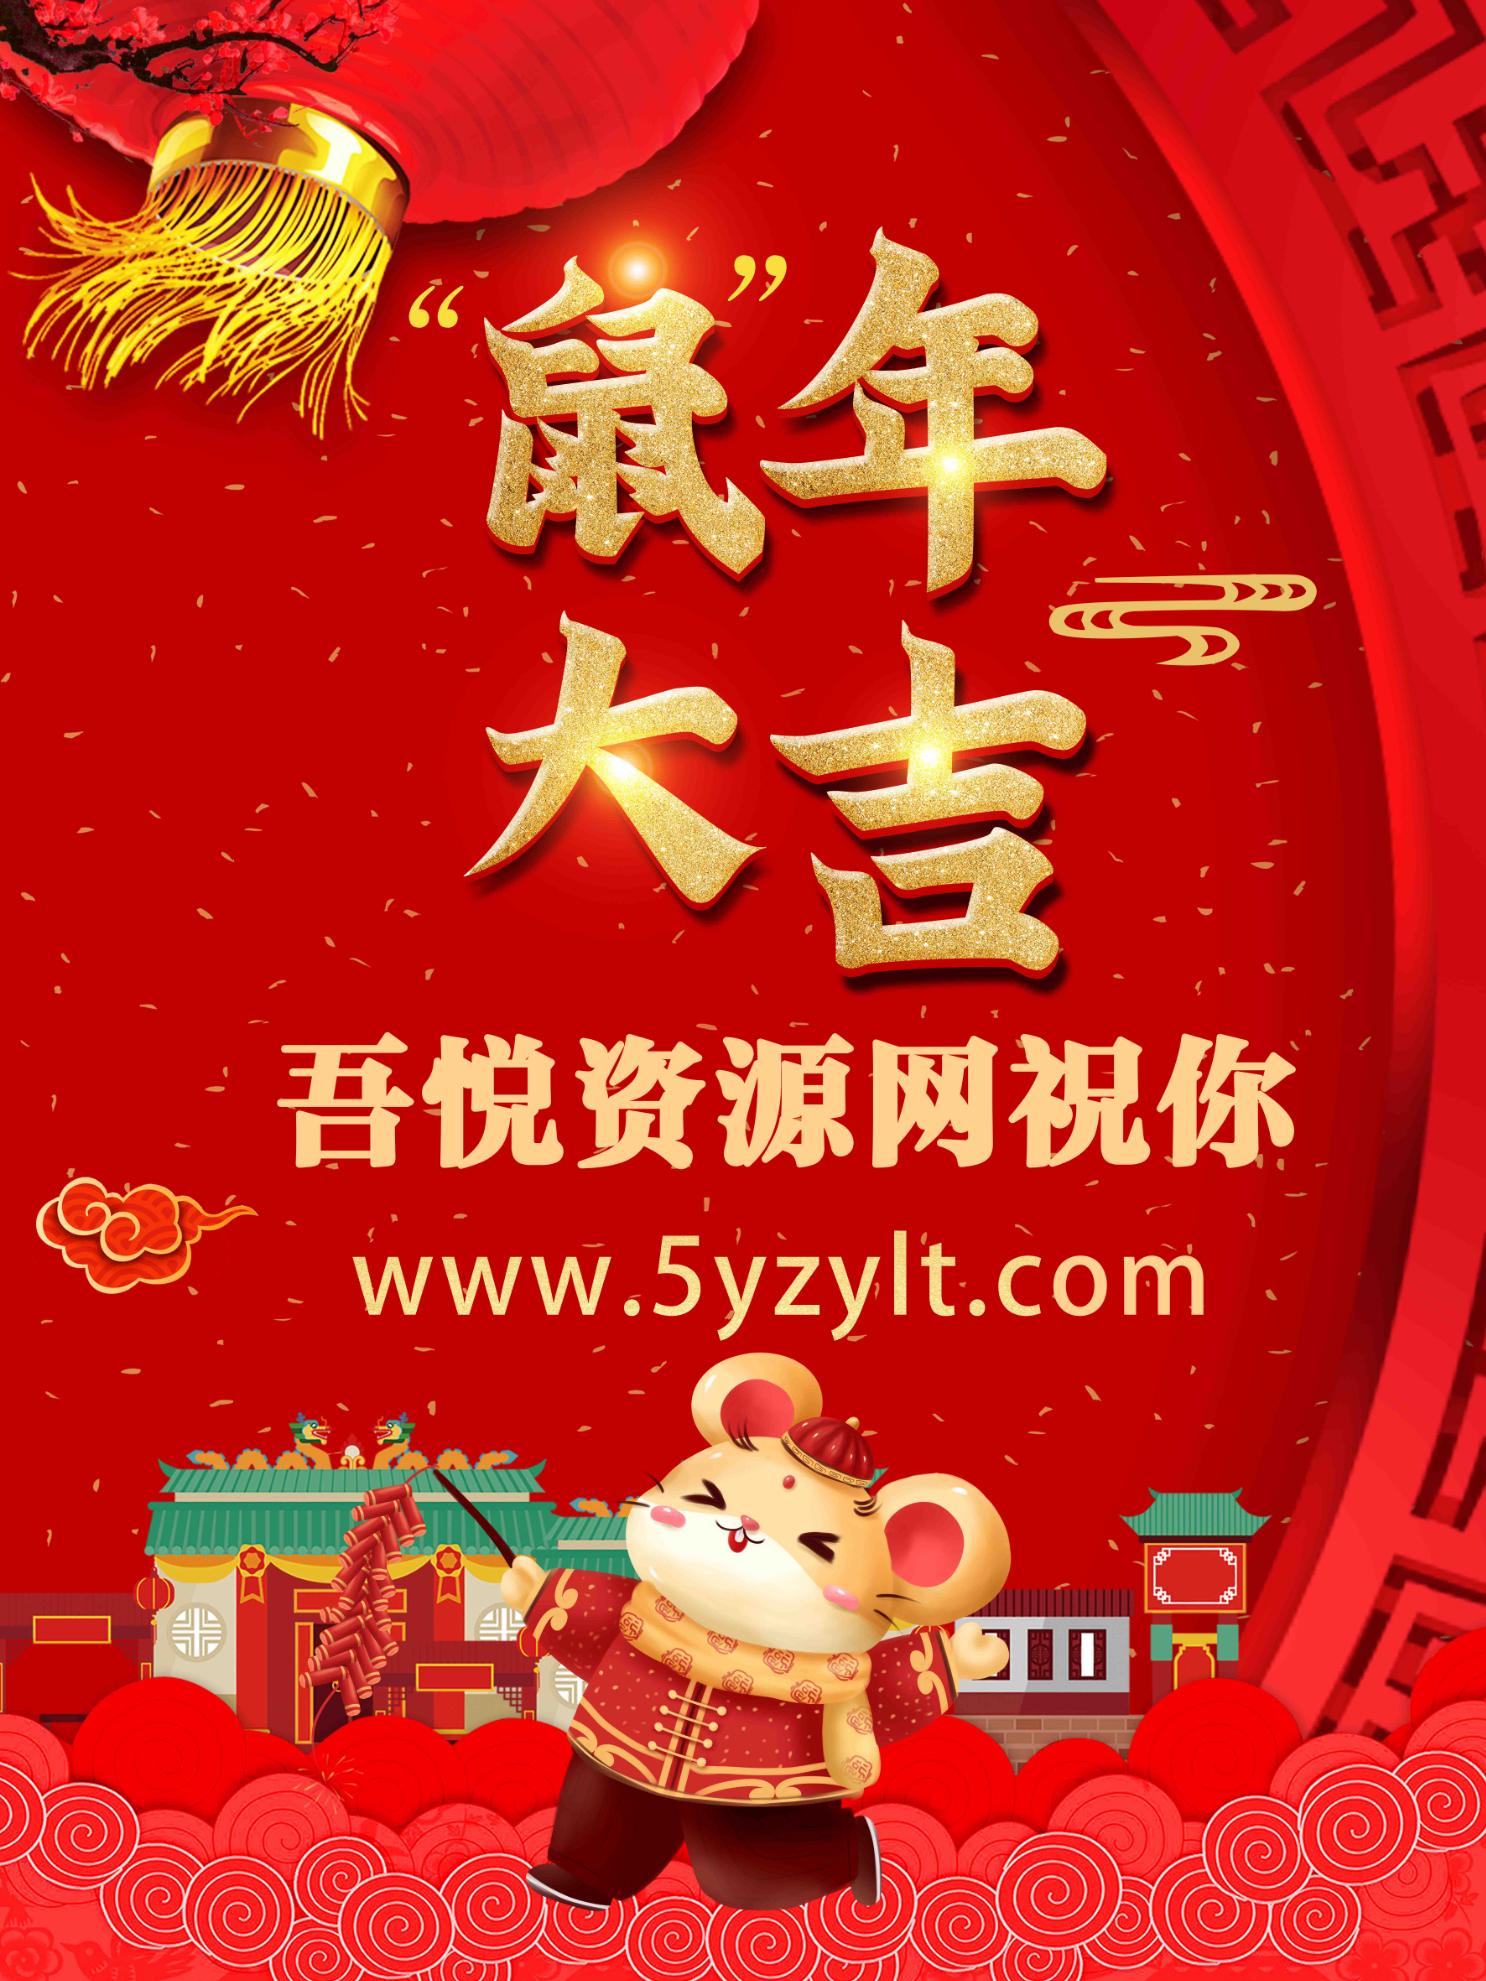 吾悦资源网祝你2020年新年快乐!!